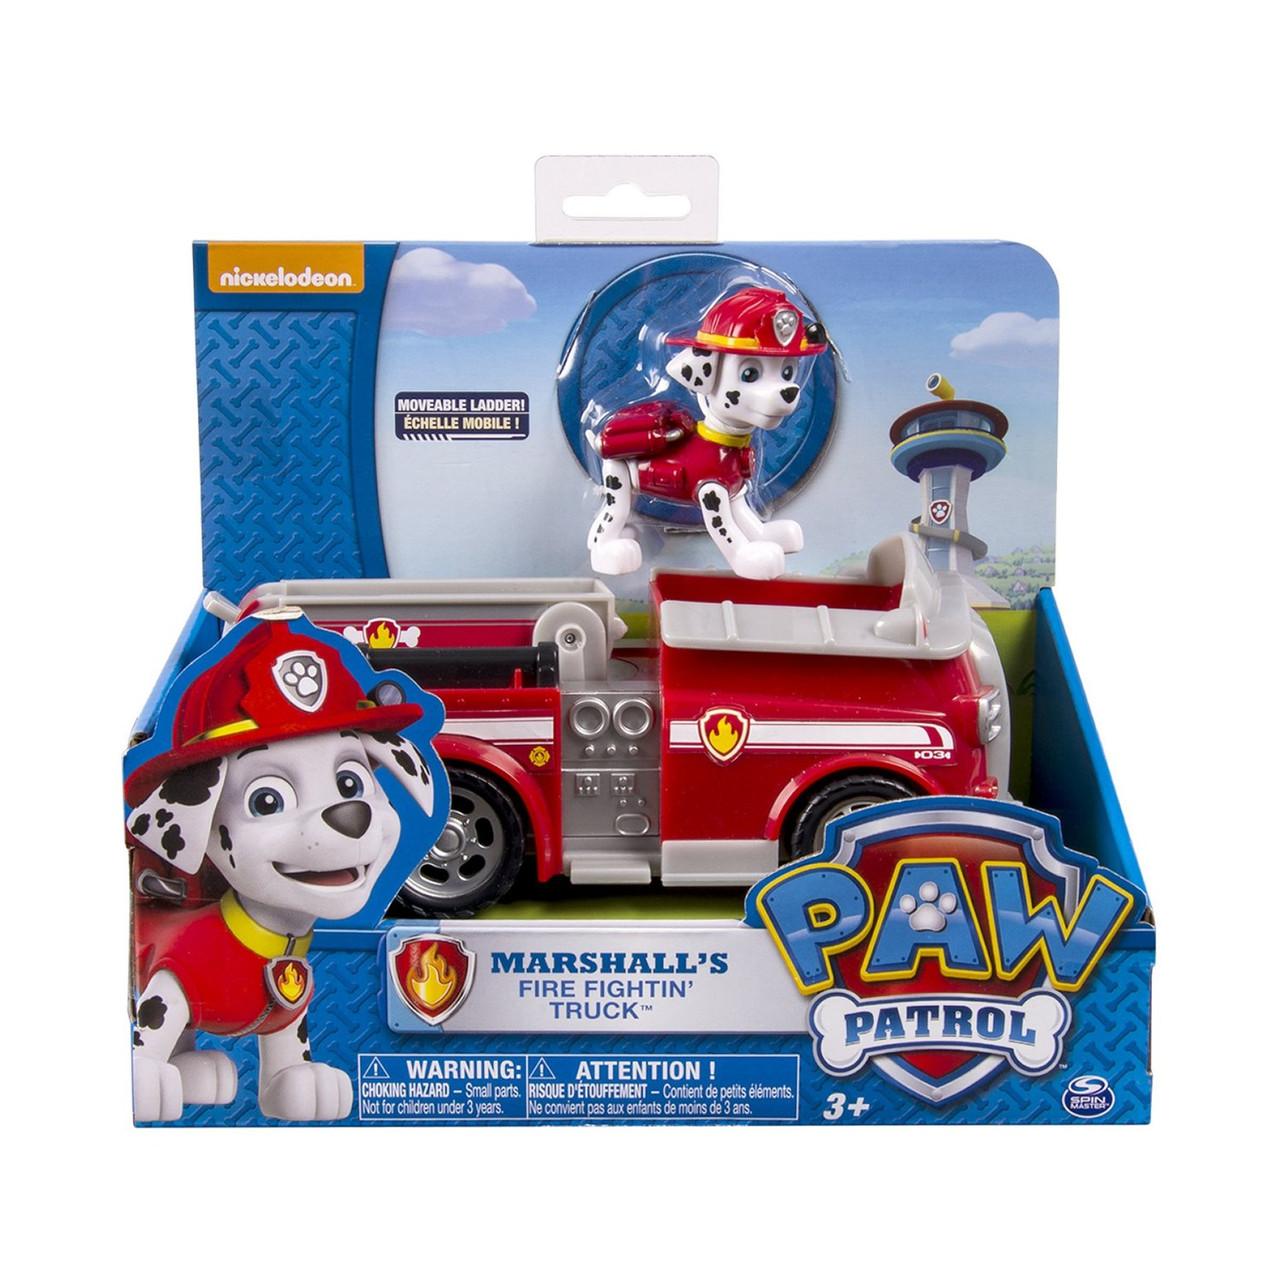 Маршал с пожарной машиной Щенячий Патруль Paw Patrol Marshall's Fire Fightin' Truck